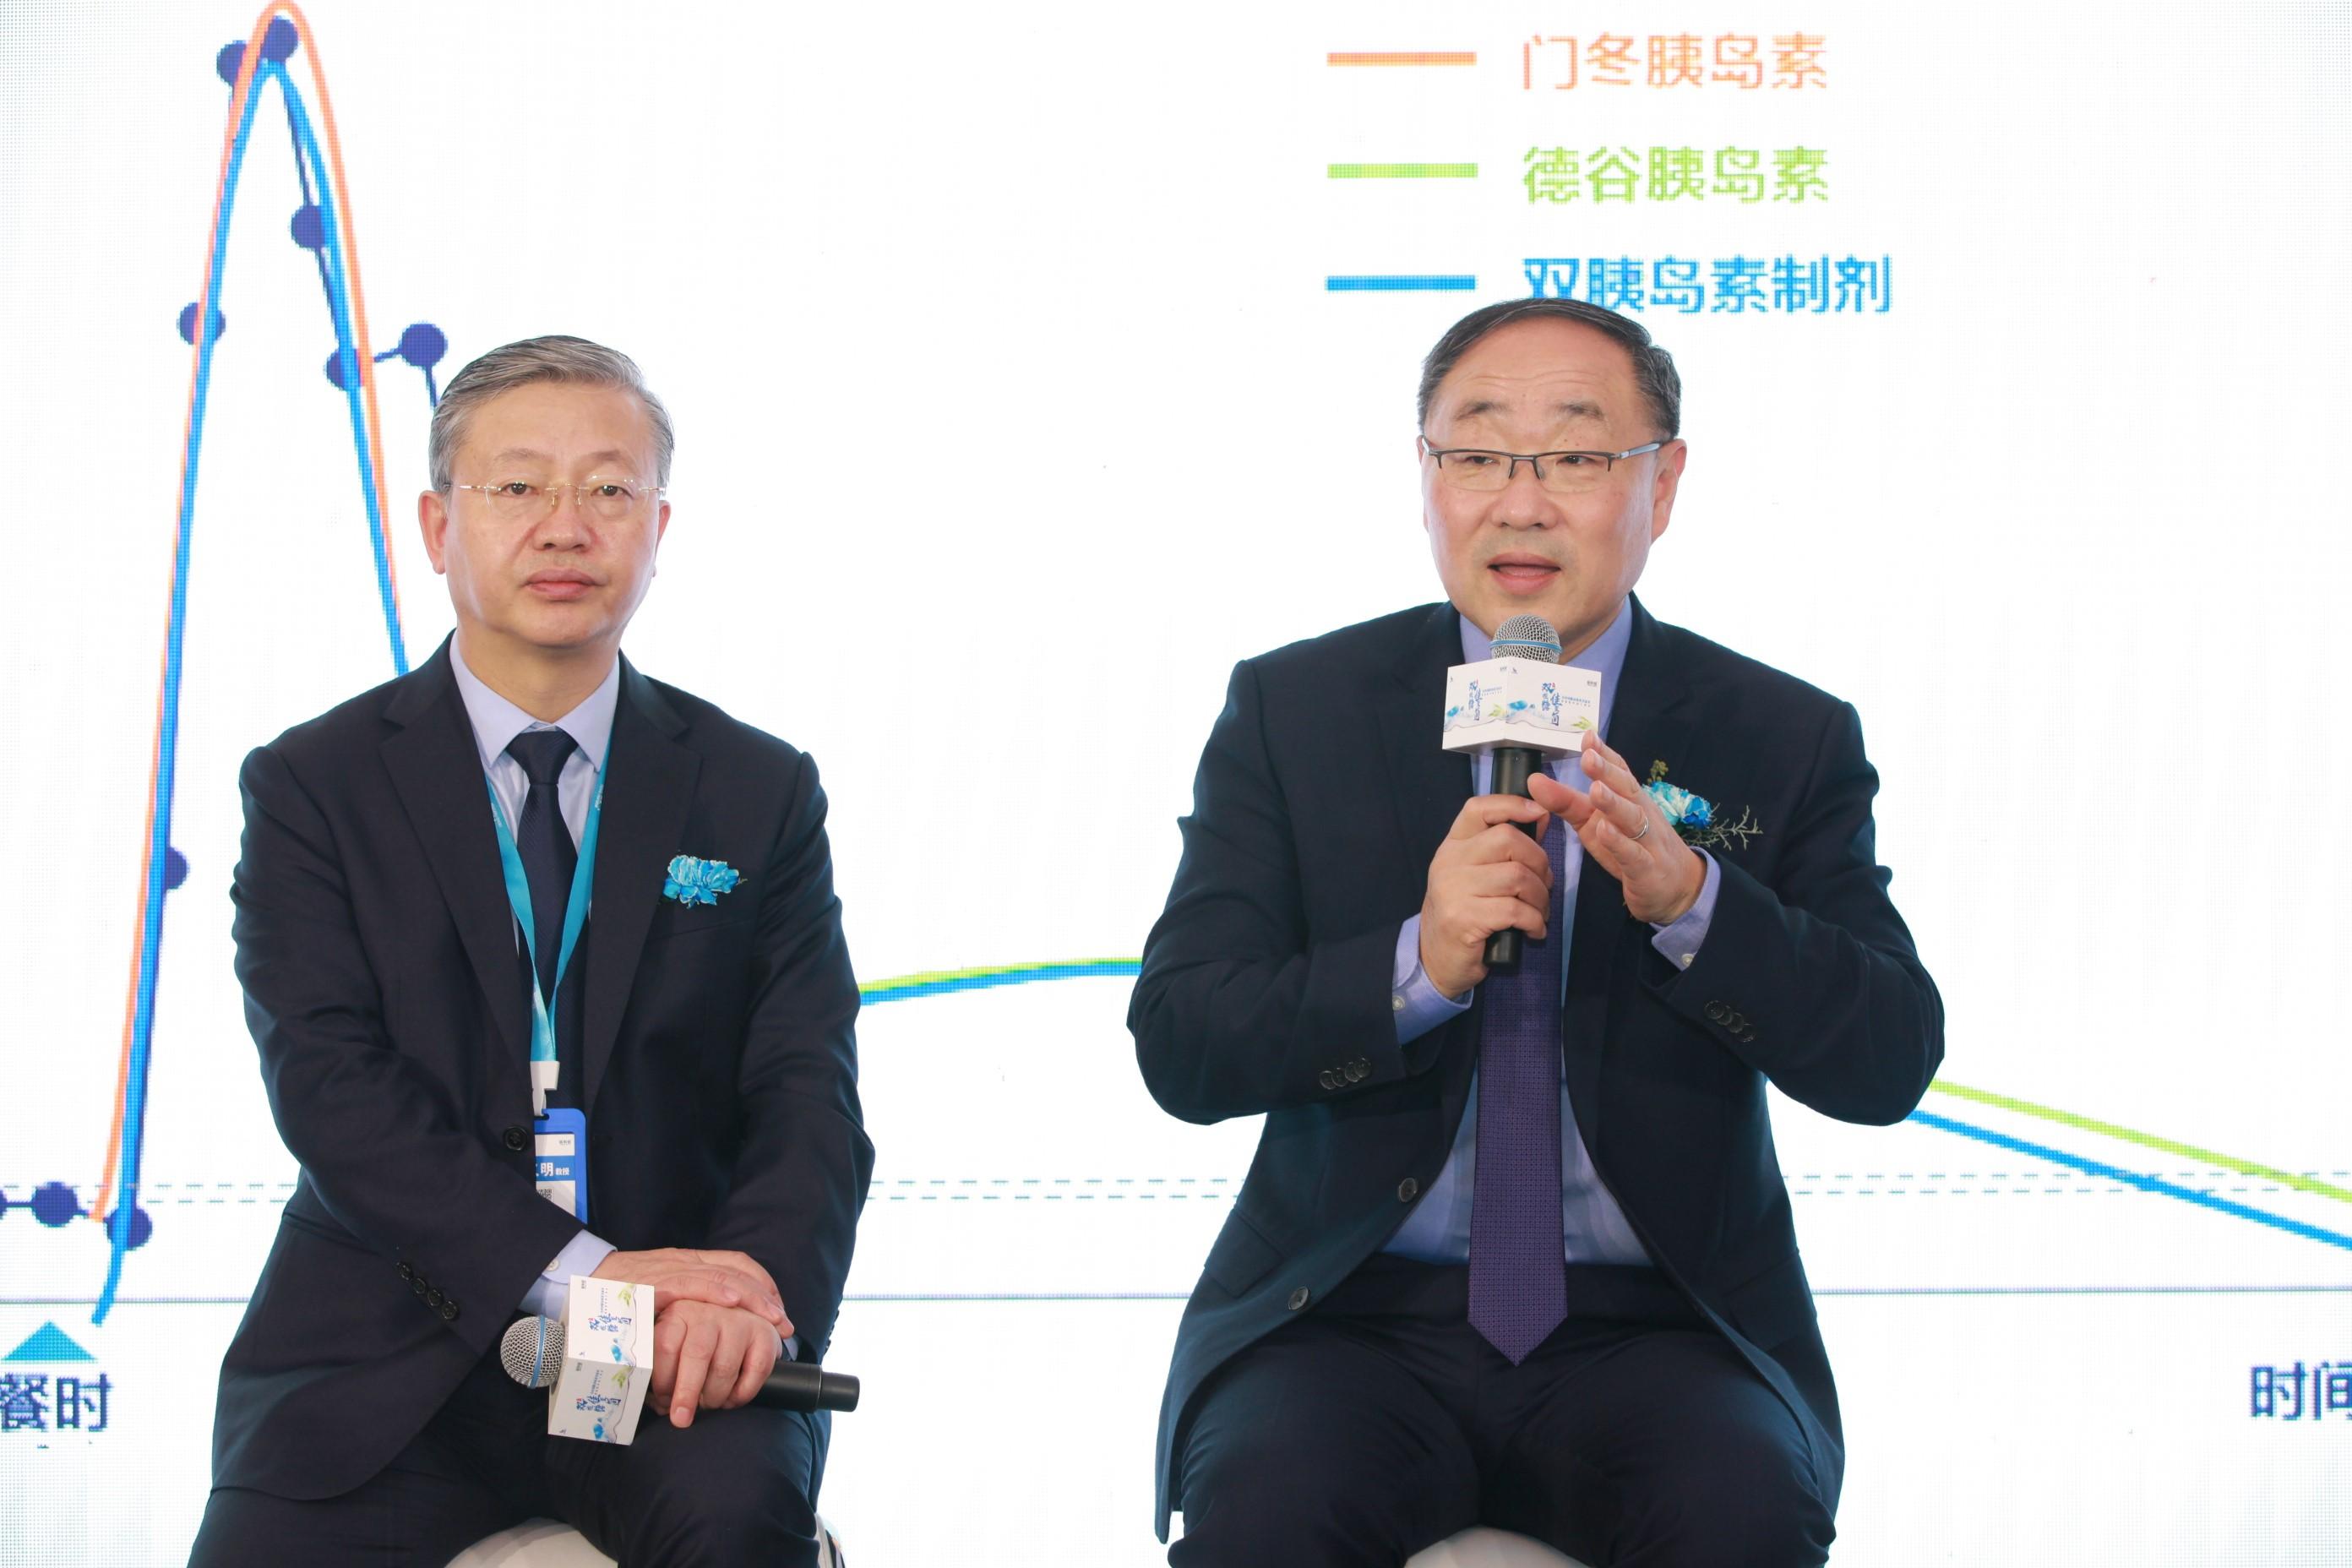 兼顾空腹和餐后血糖,全球首个可溶性双胰岛素诺和佳中国正式上市